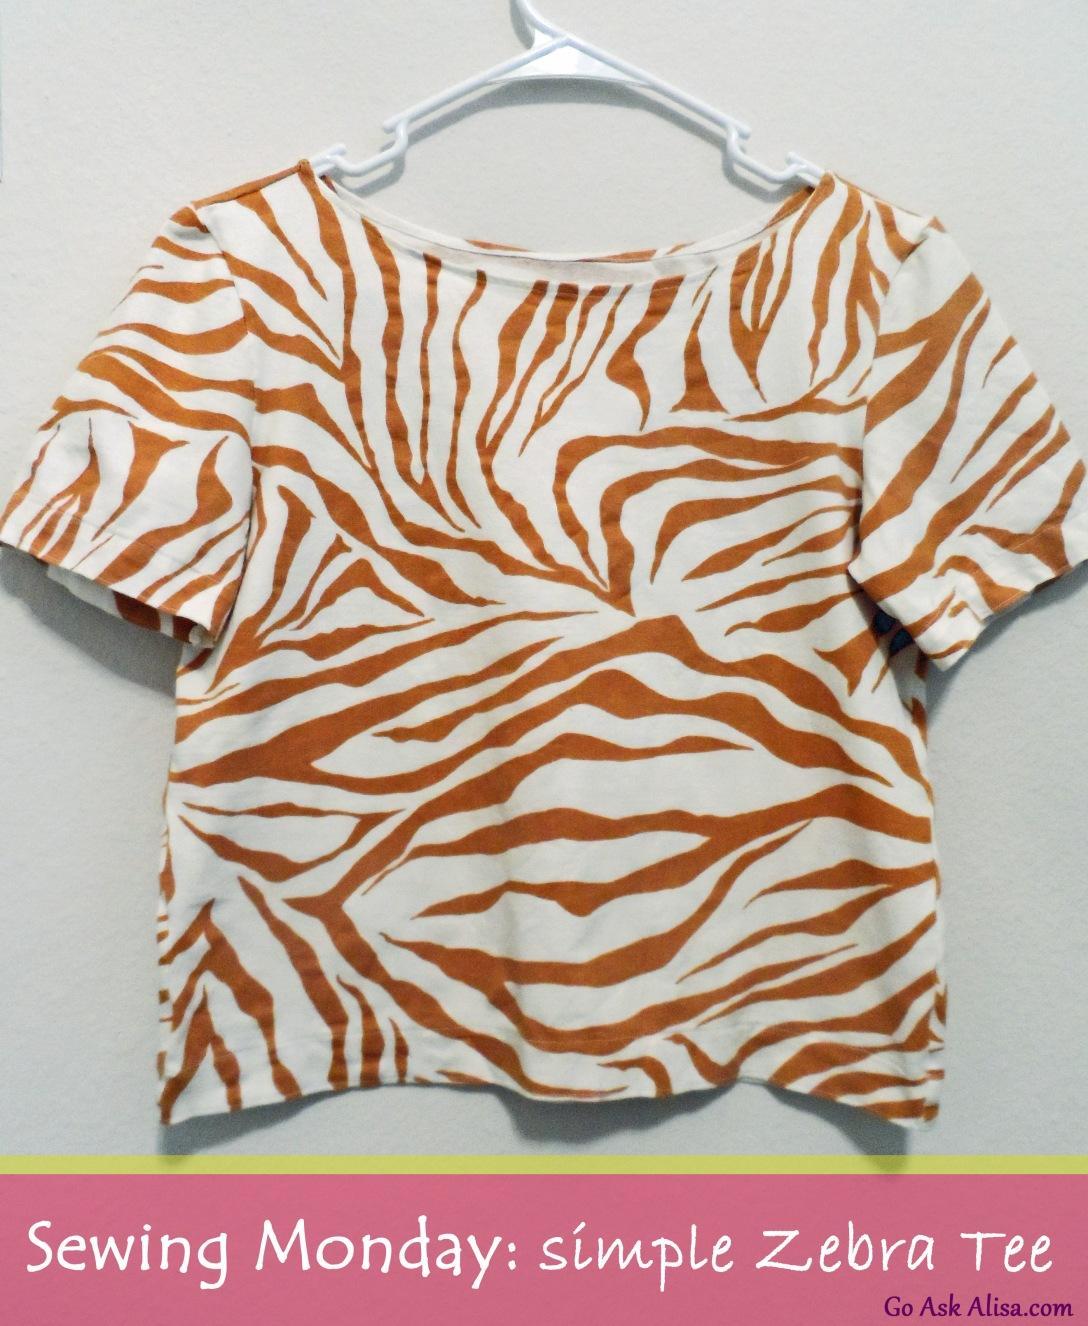 Zebra tee cover